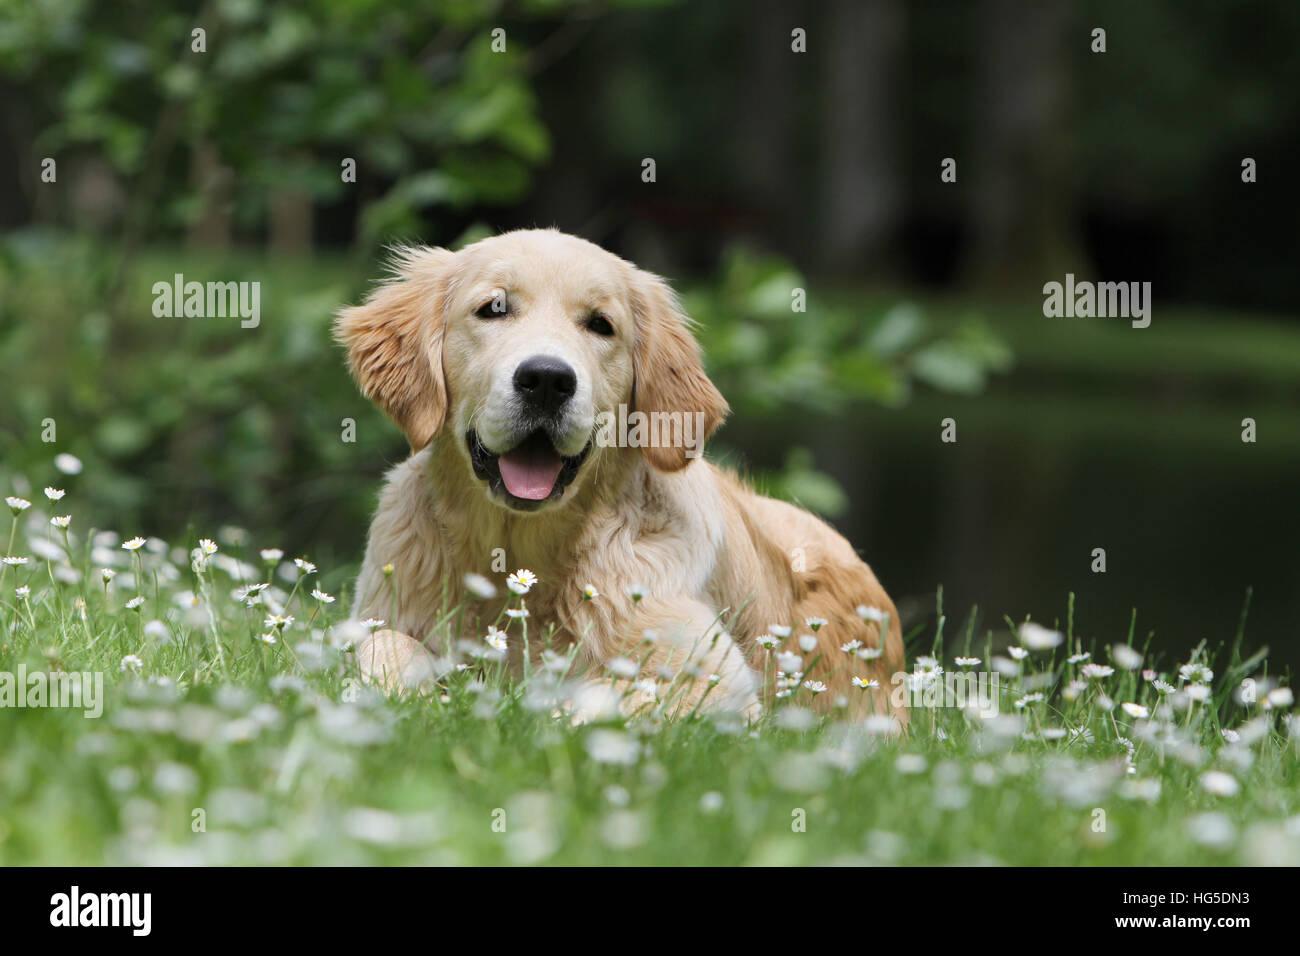 Chien Golden Retriever des profils couchée dans un pré Photo Stock